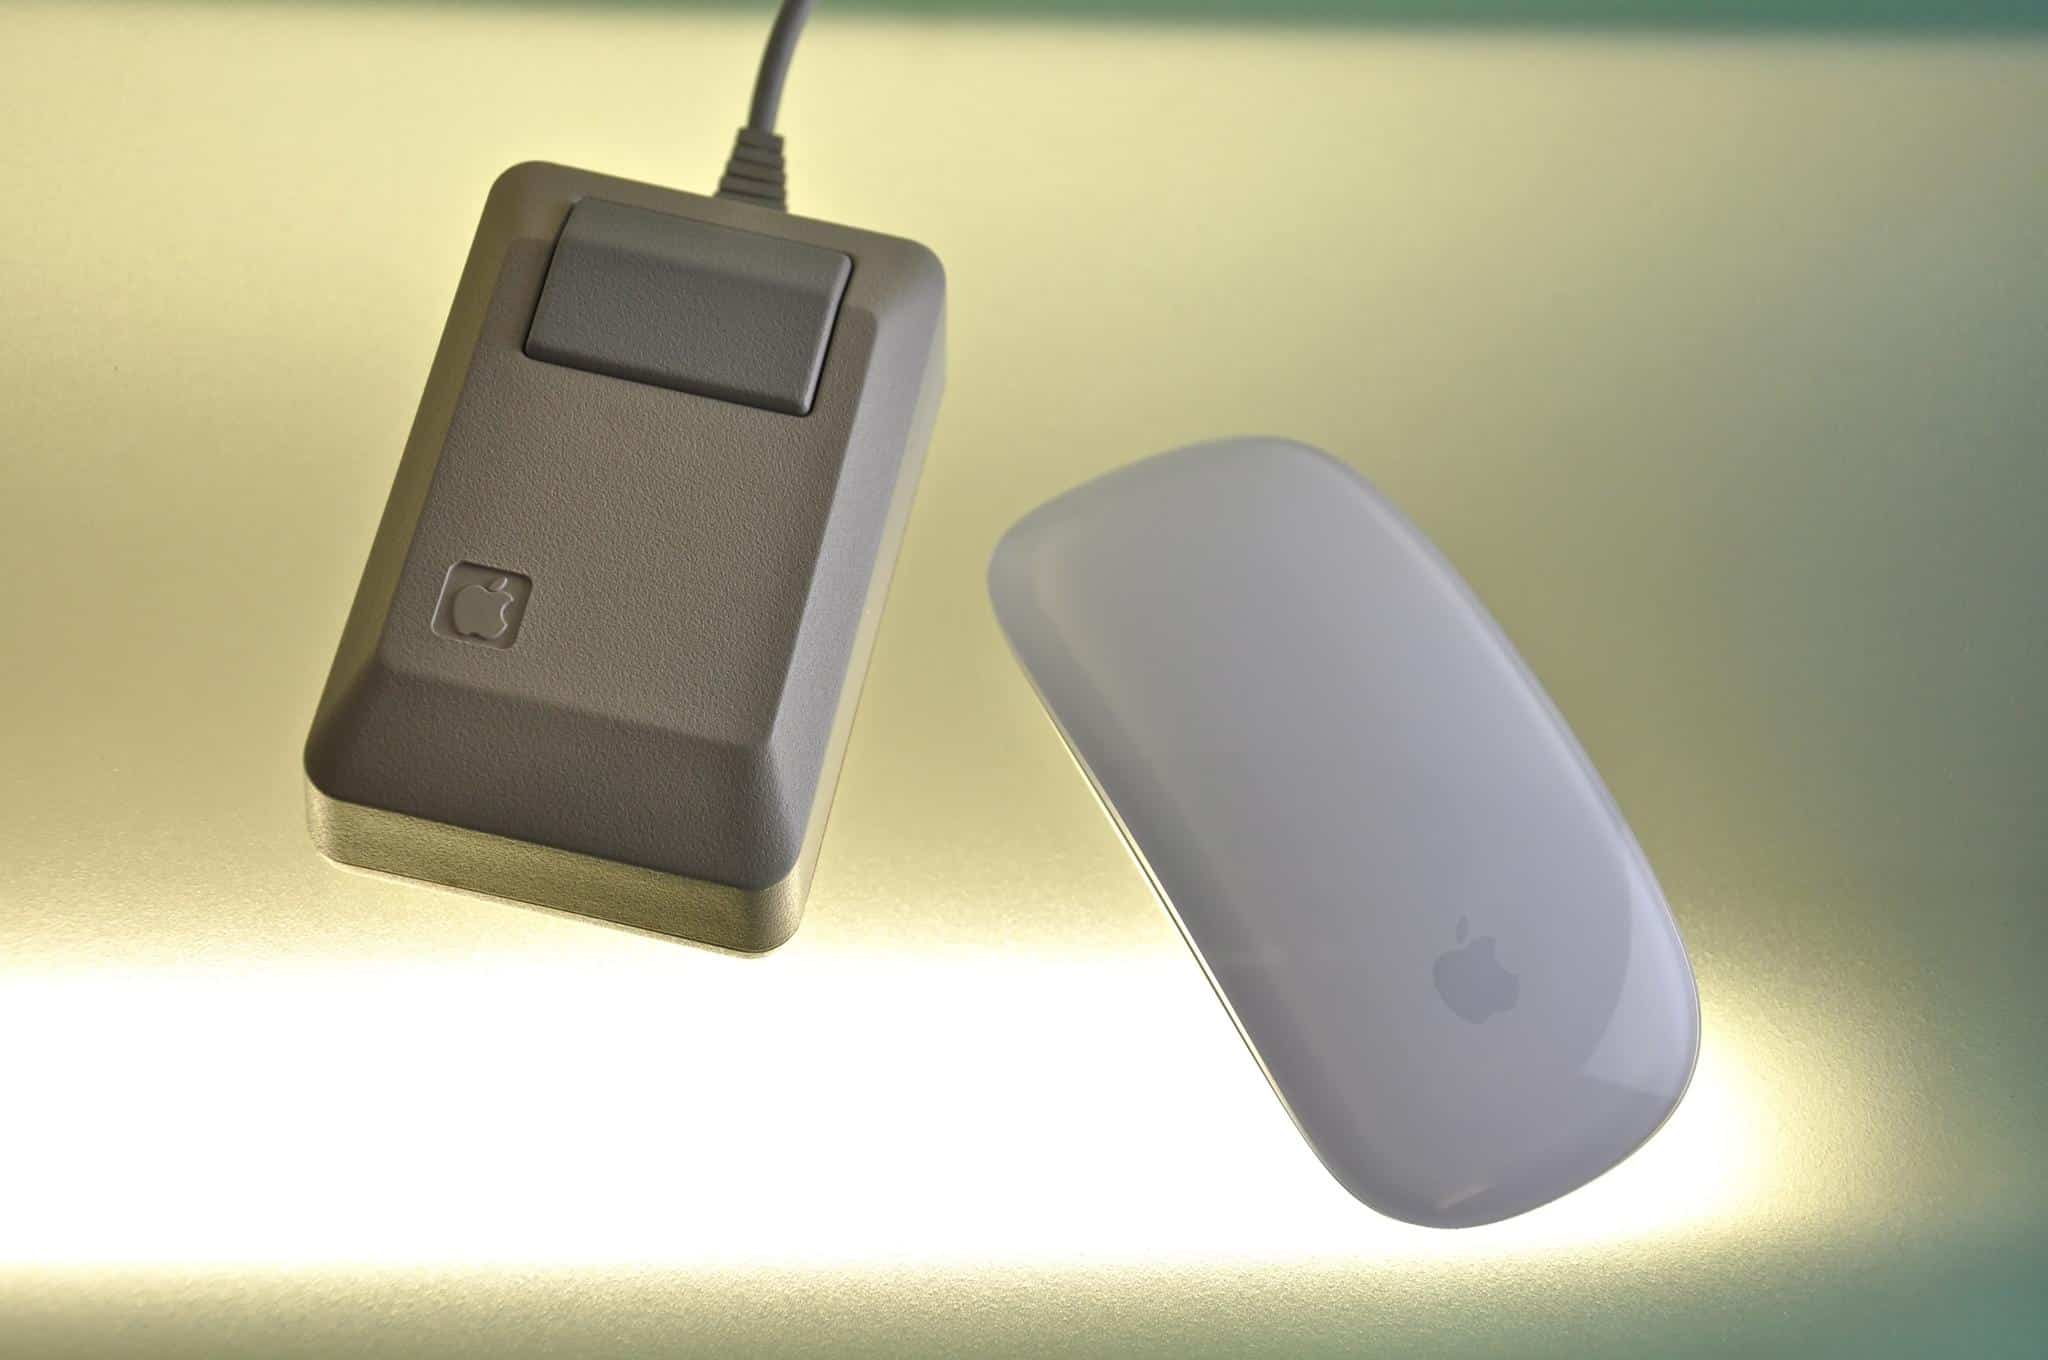 Apple Mouse (IIc)